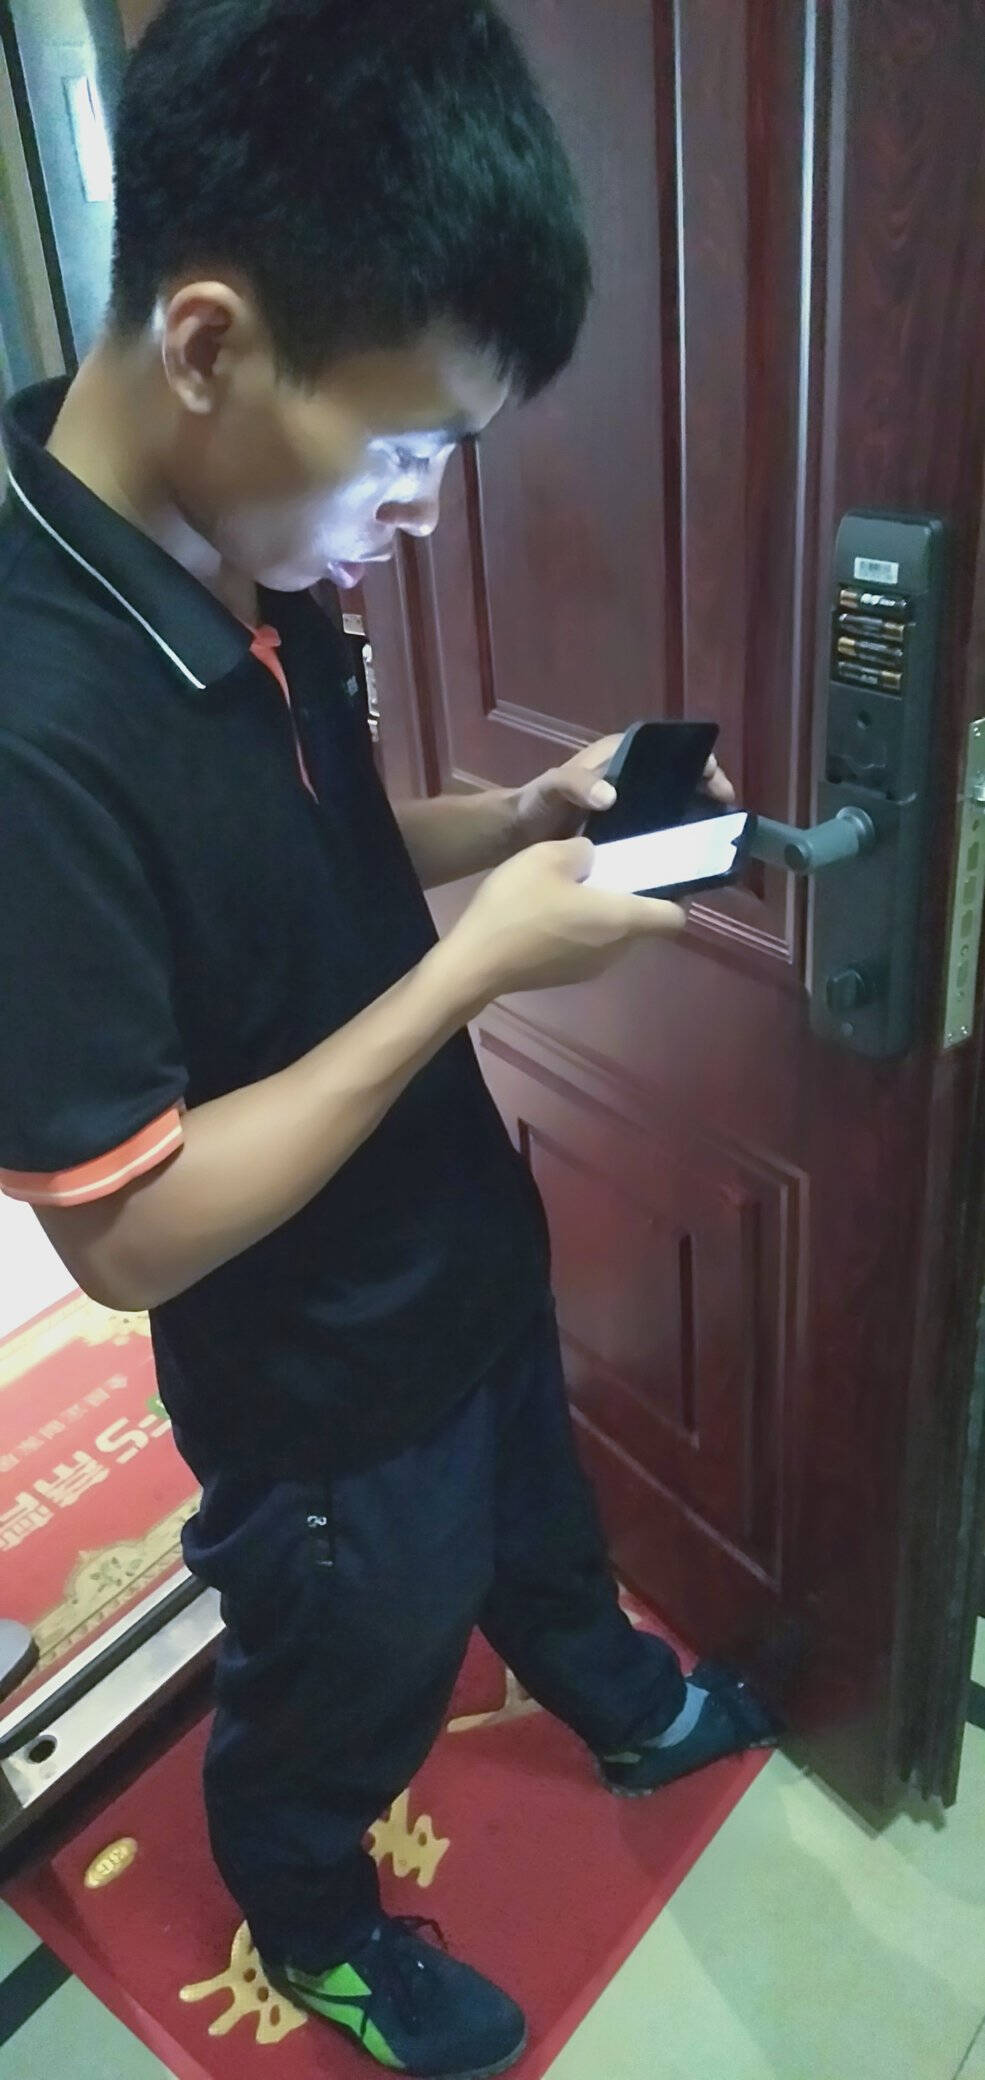 云米VIOMI互联网智能门锁Link-右开-普通锁体智能门锁c级指纹锁防盗门家用公司密码锁电子锁小米灰